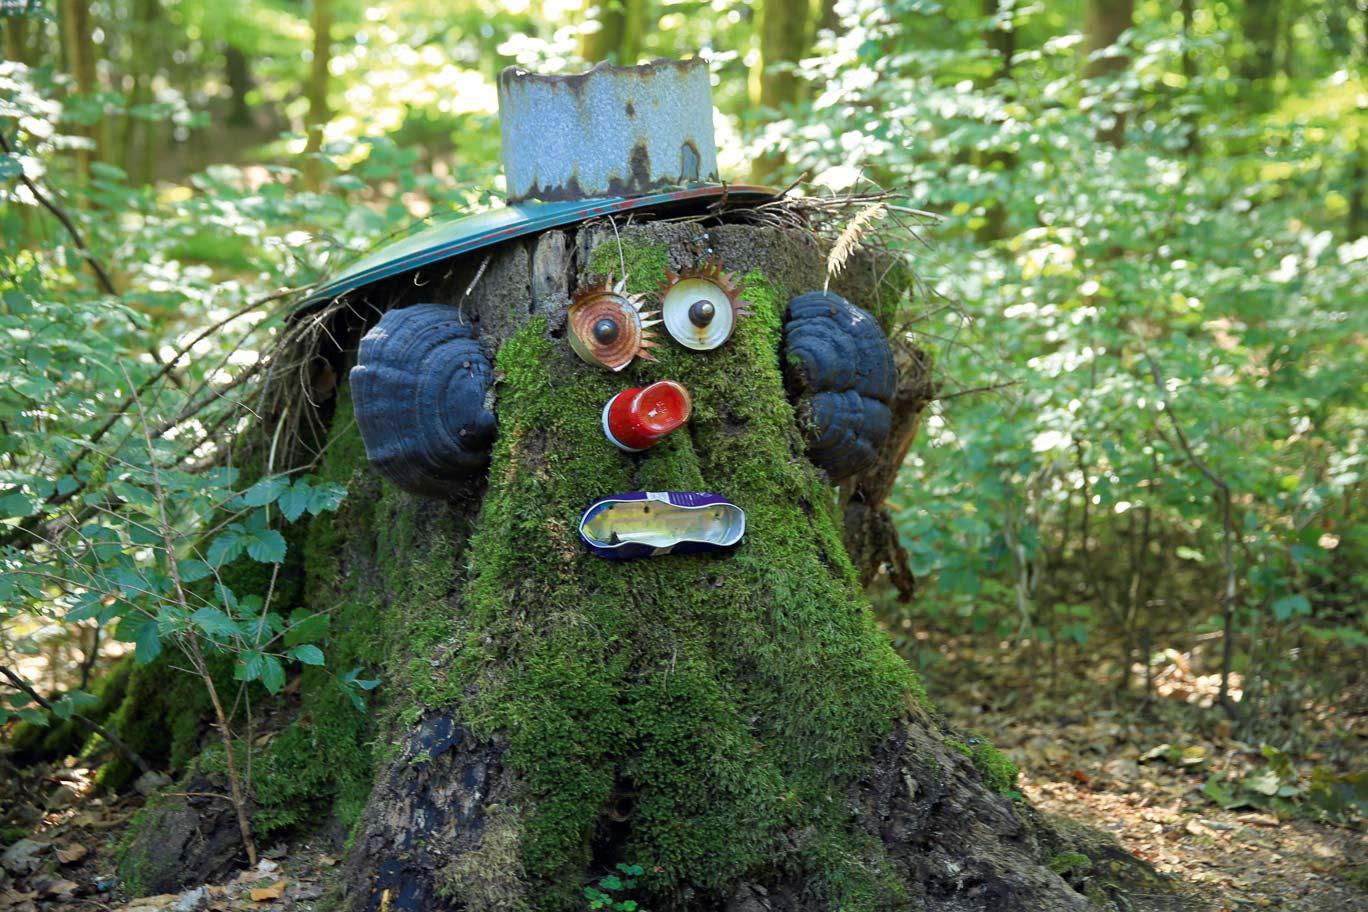 Viel zu entdecken: Lebensraum kreativer Waldwesen © Wandermagazin, M. Sänger